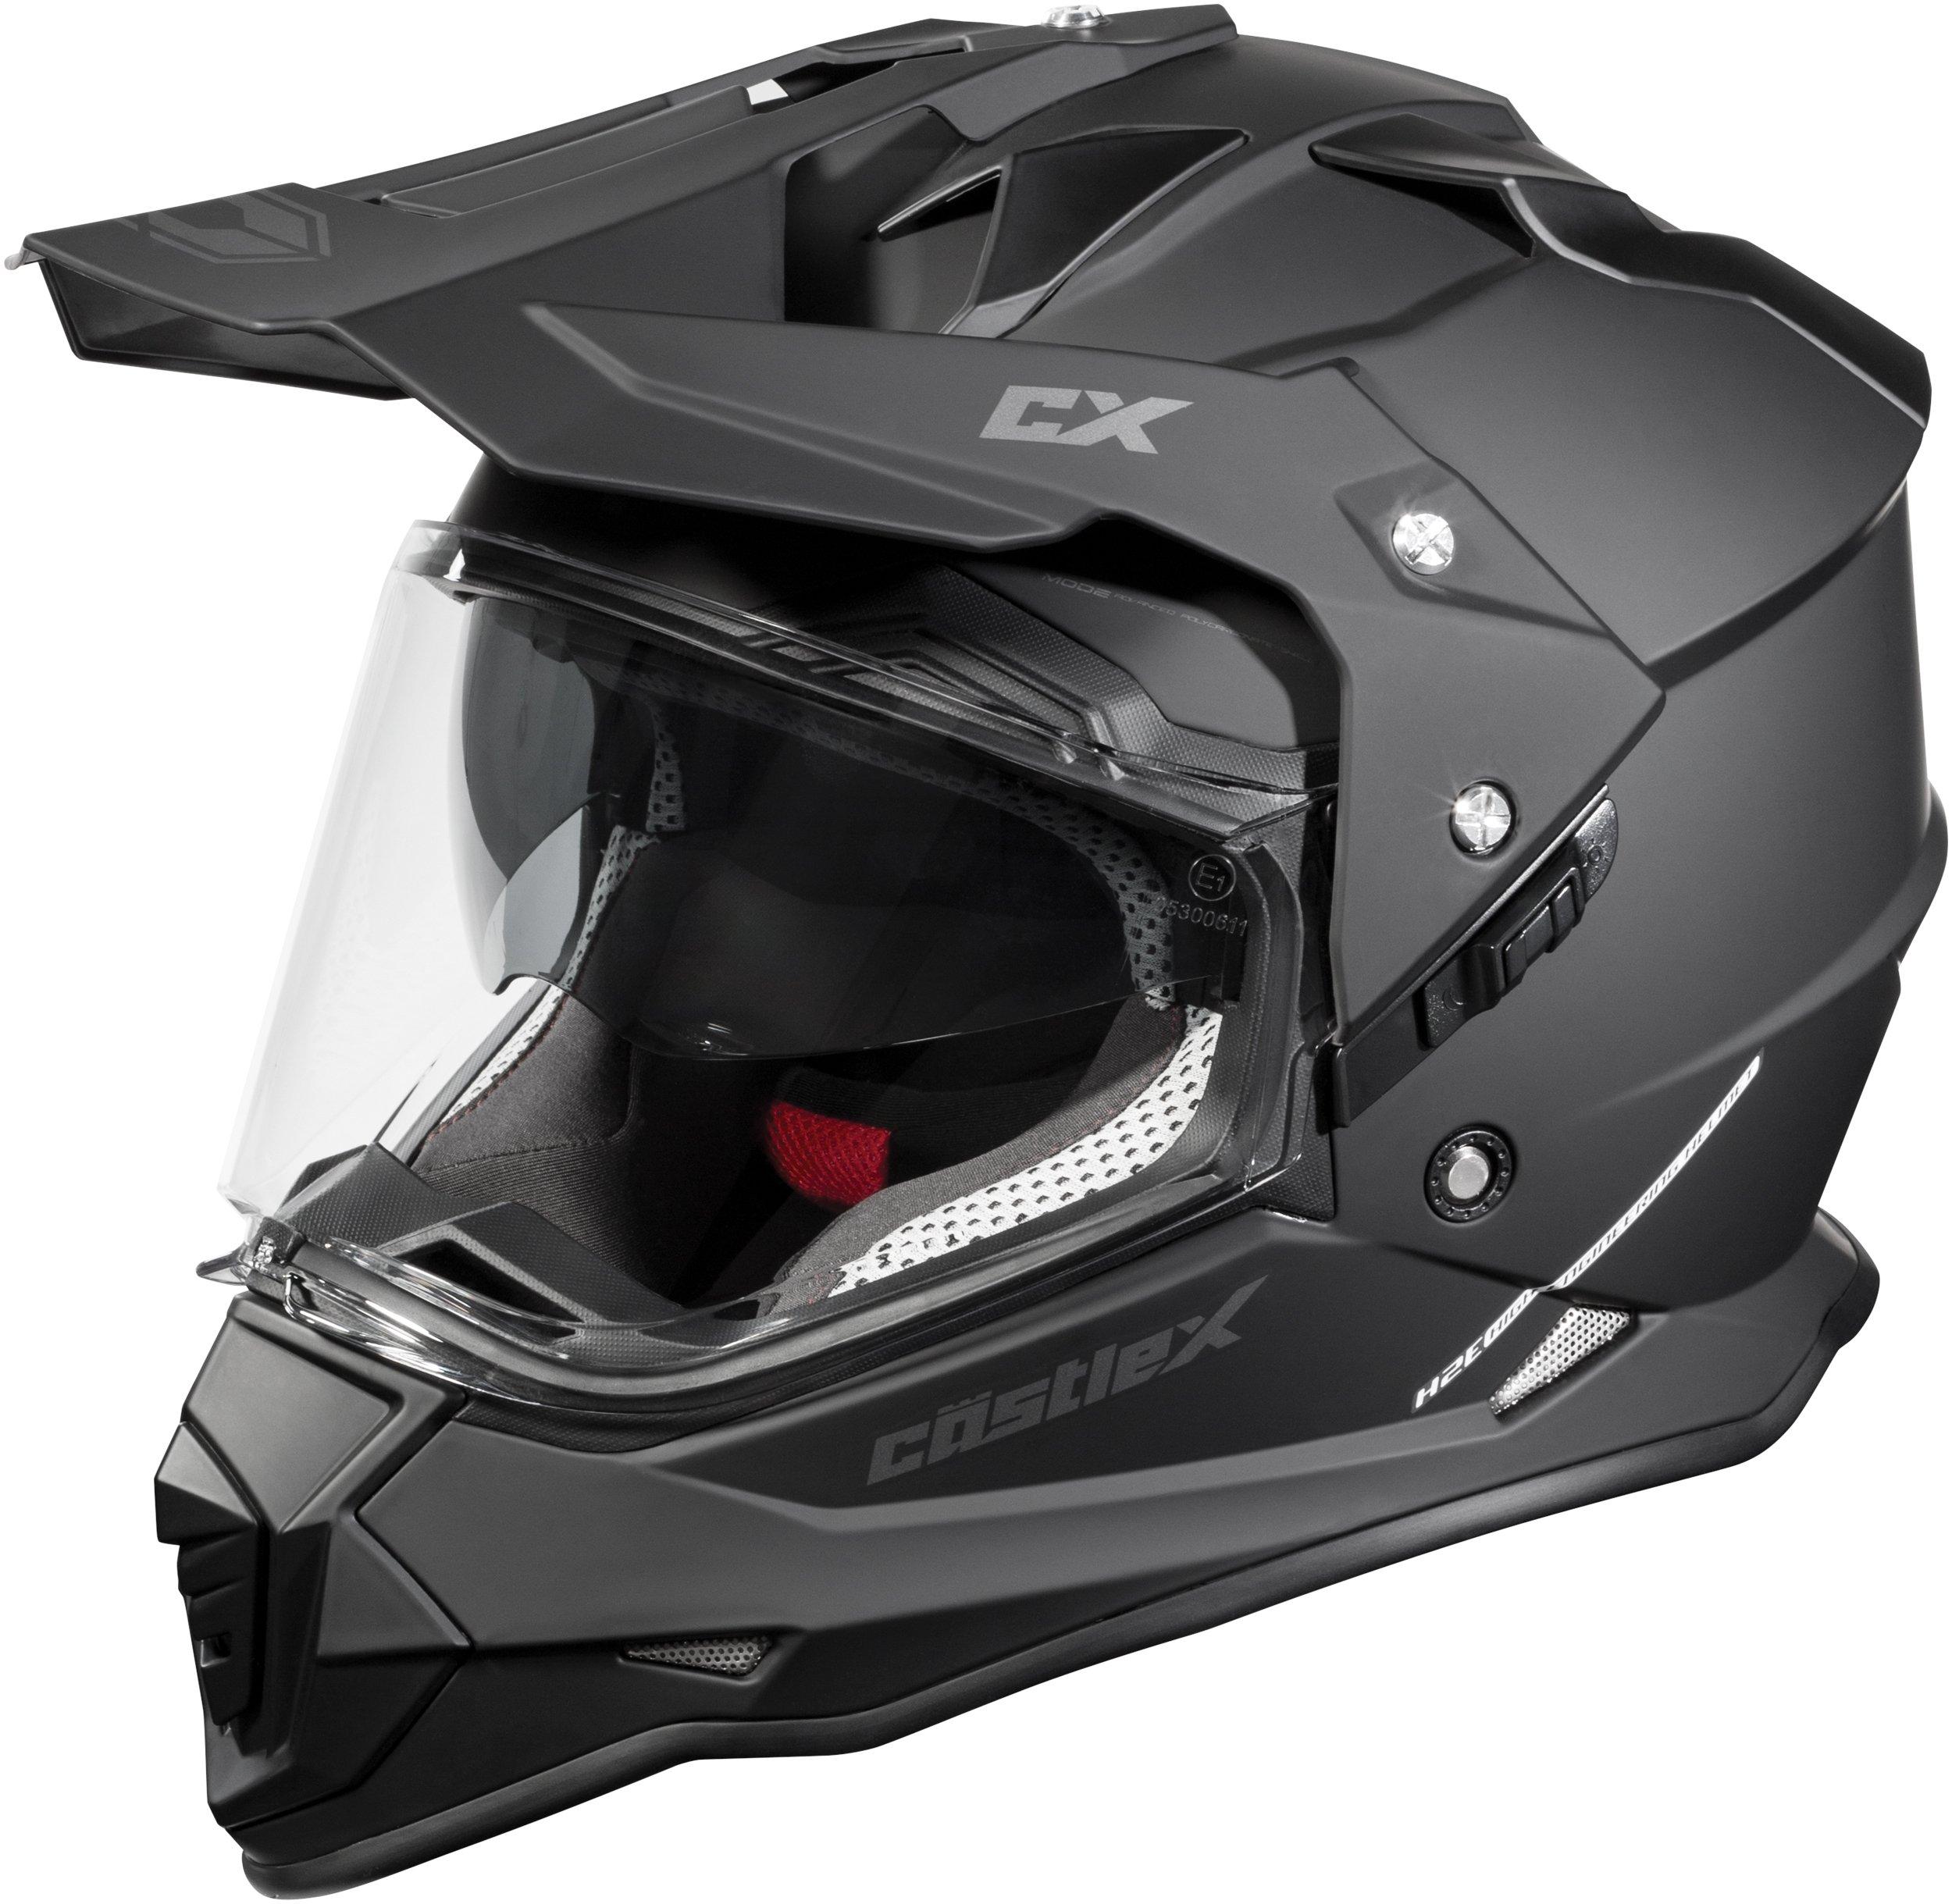 Castle Mode Dual-Sport SV Motorcycle Helmet (3XL, Matte Black) by Castle (Image #1)